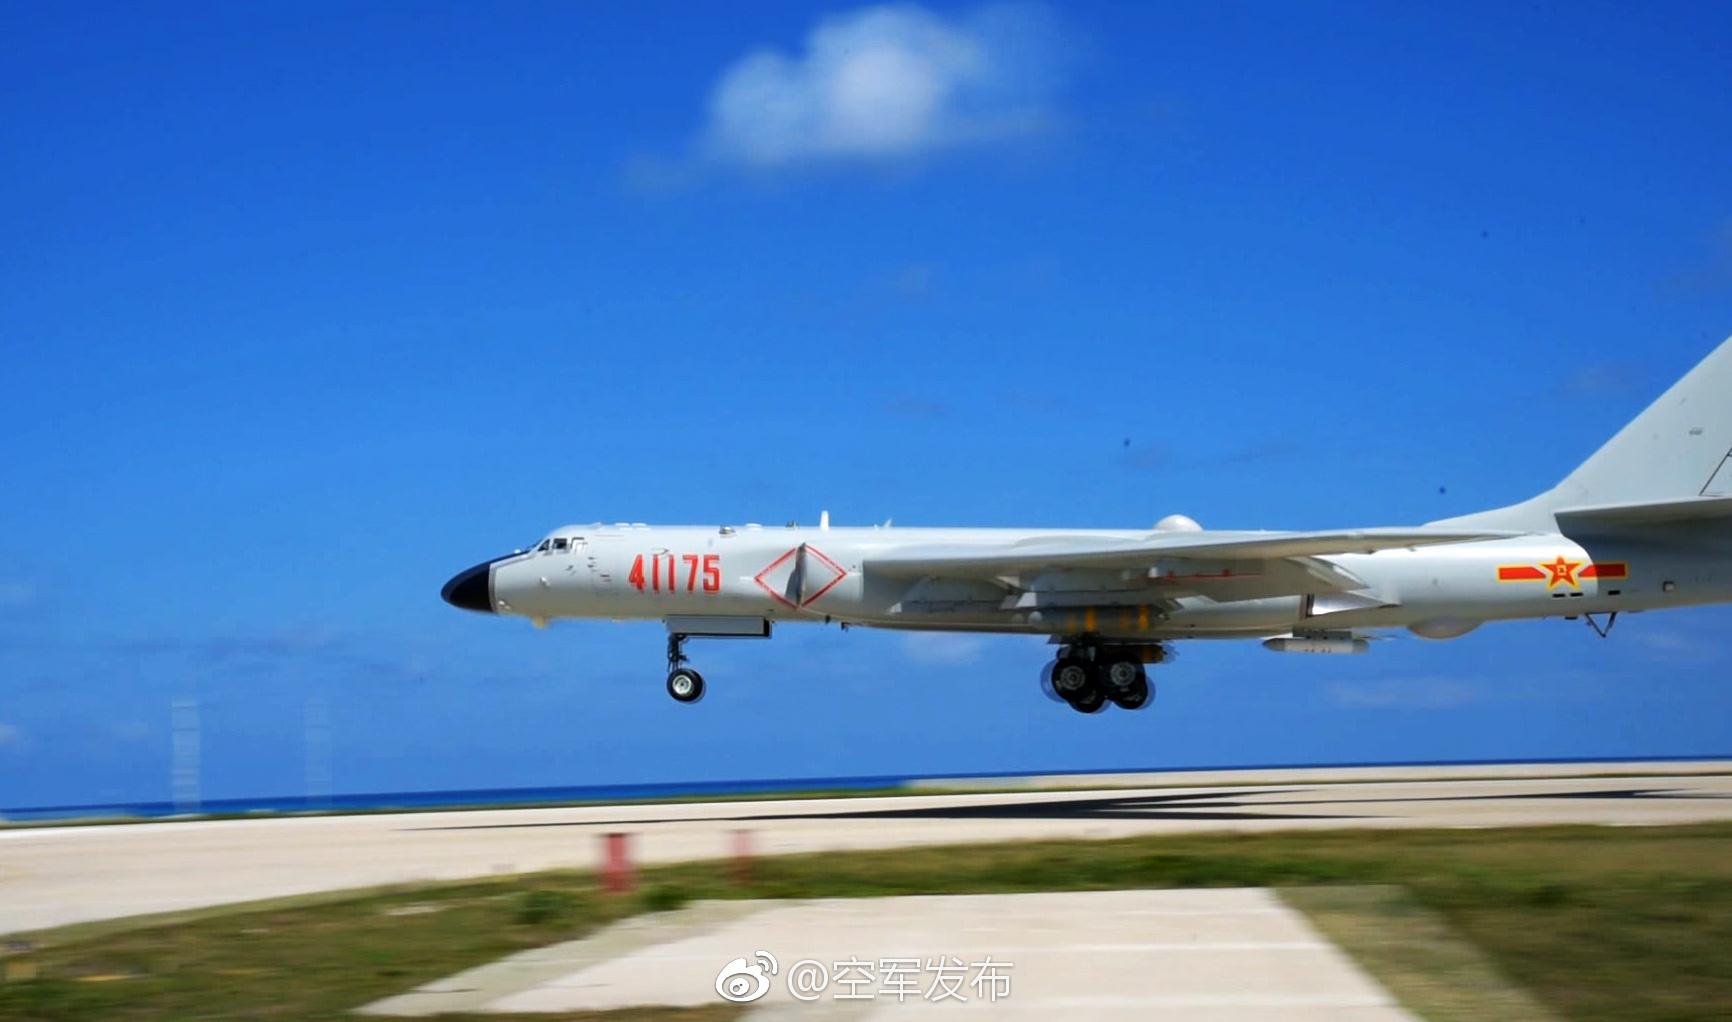 重磅!空军宣布轰6K岛礁起降提升海上实战能力